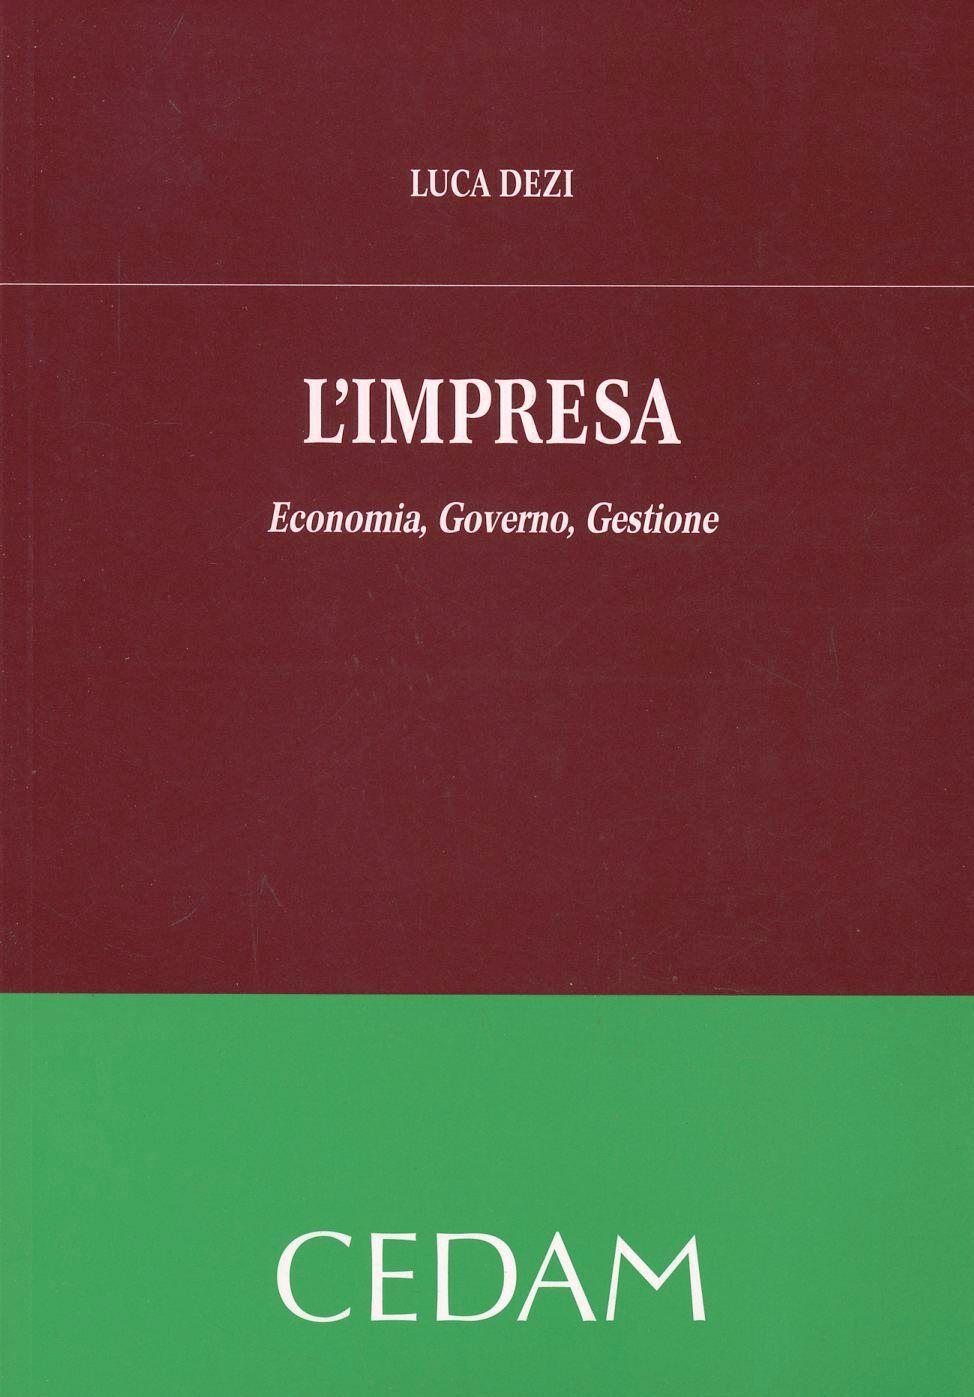 L' impresa. Economia, governo, gestione